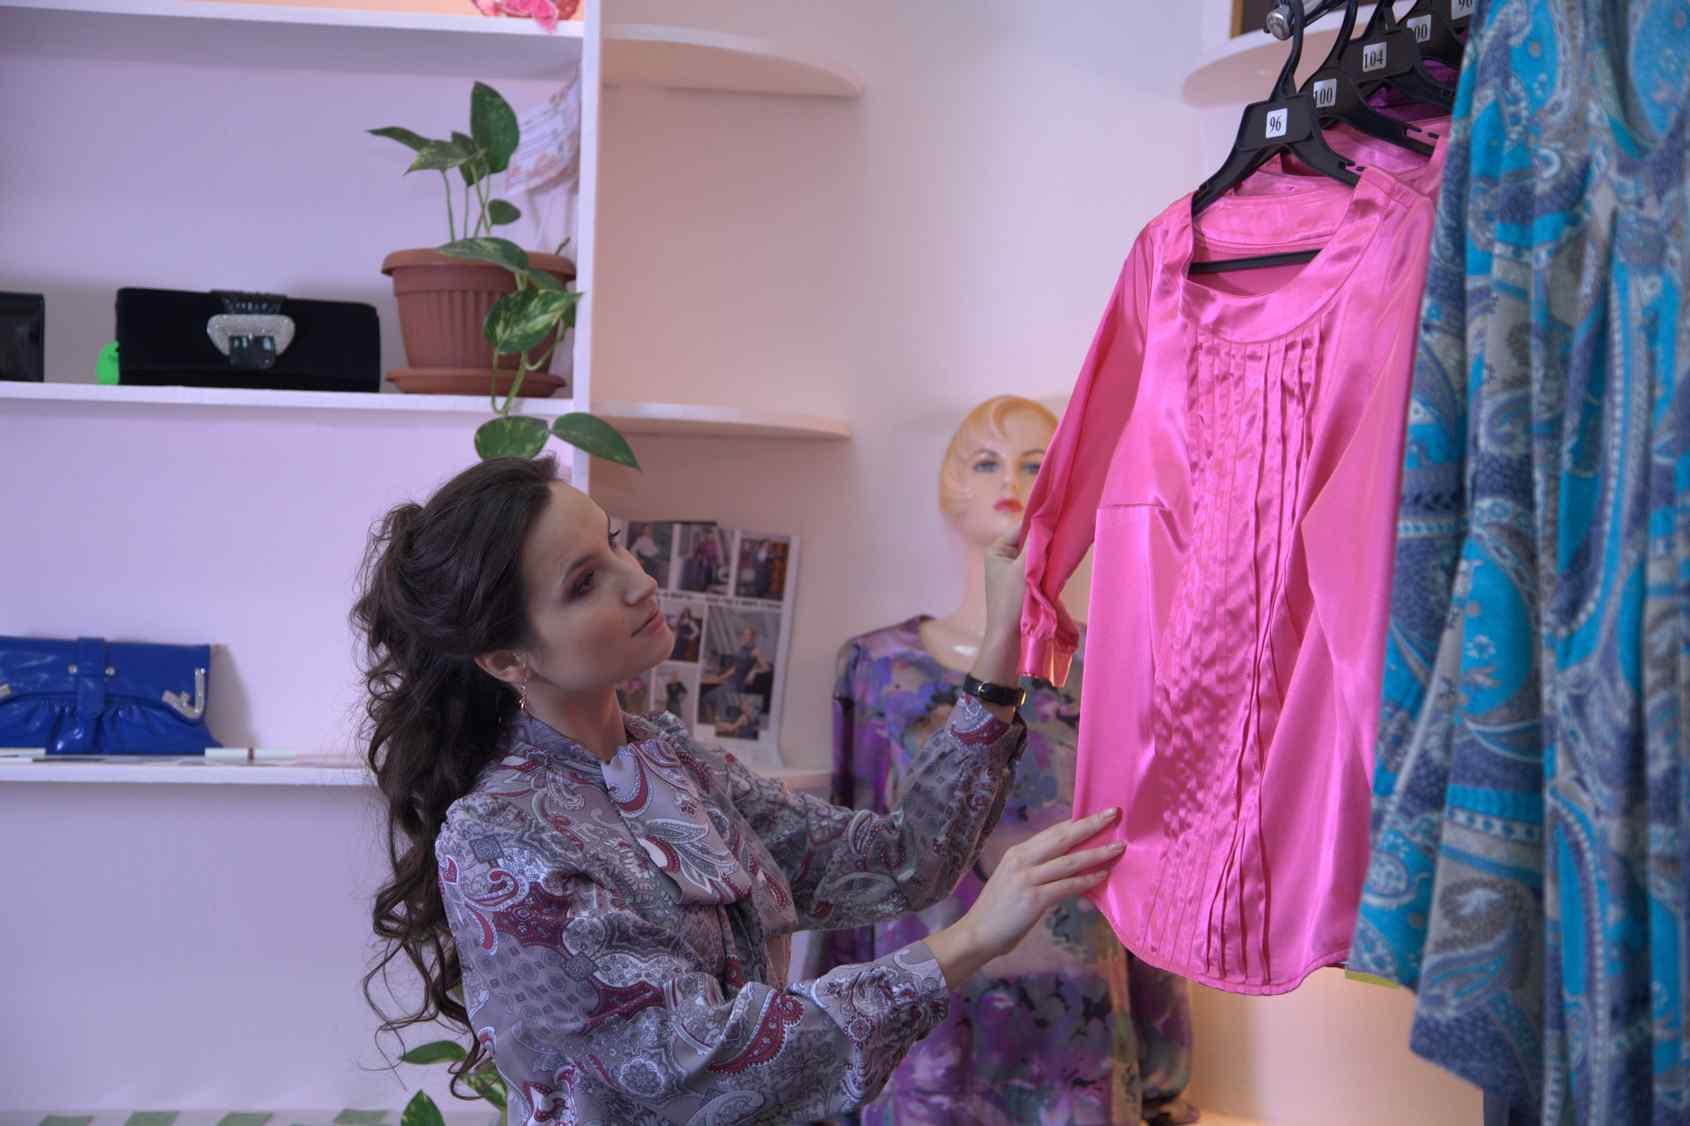 Массовый пошив одежды. Швейная фабрика. Давальческая основа. Телефон: 8(8332)385-235